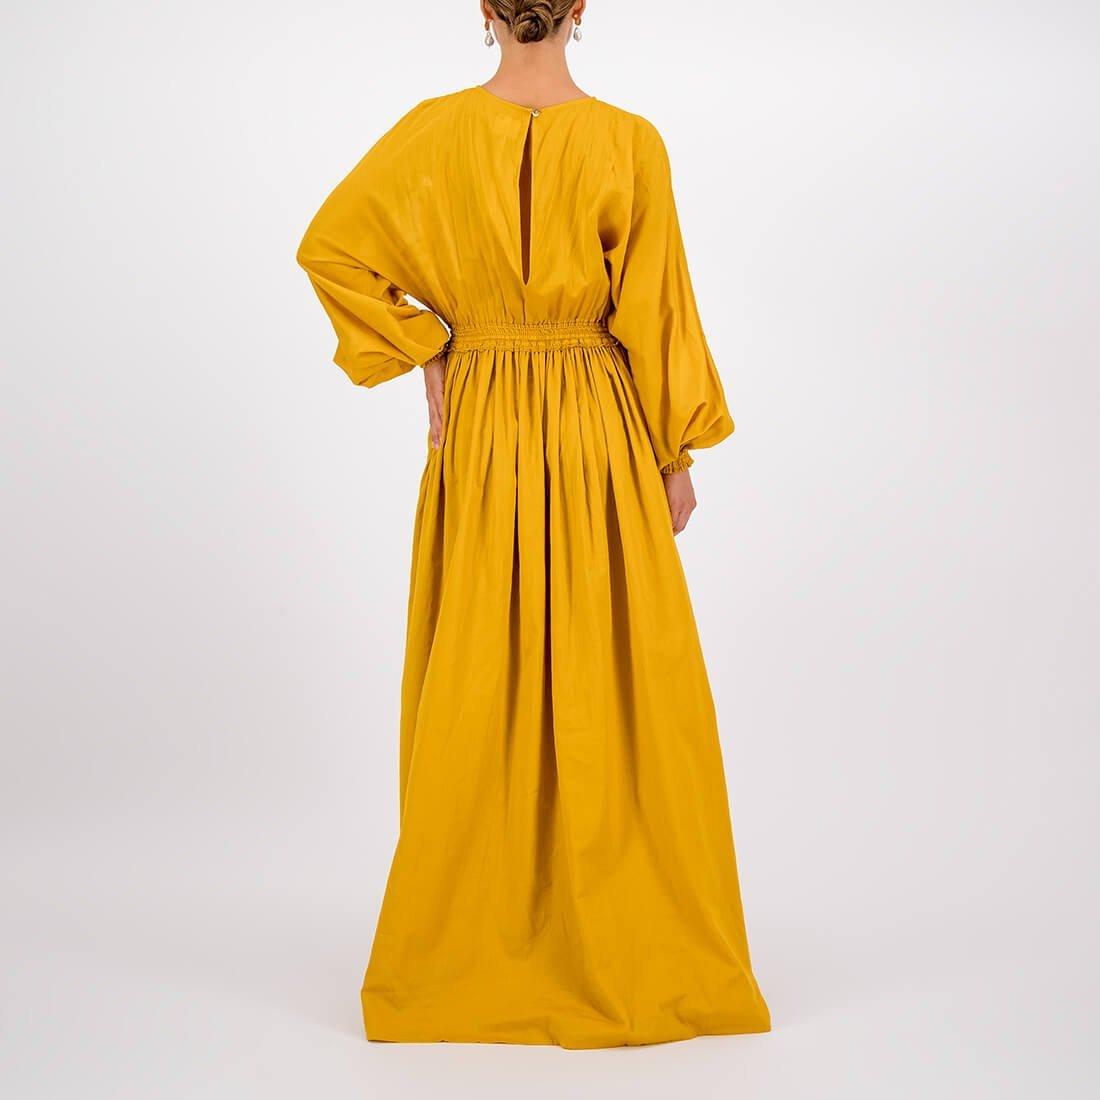 100% cotton floor-length, high-neck dress 3